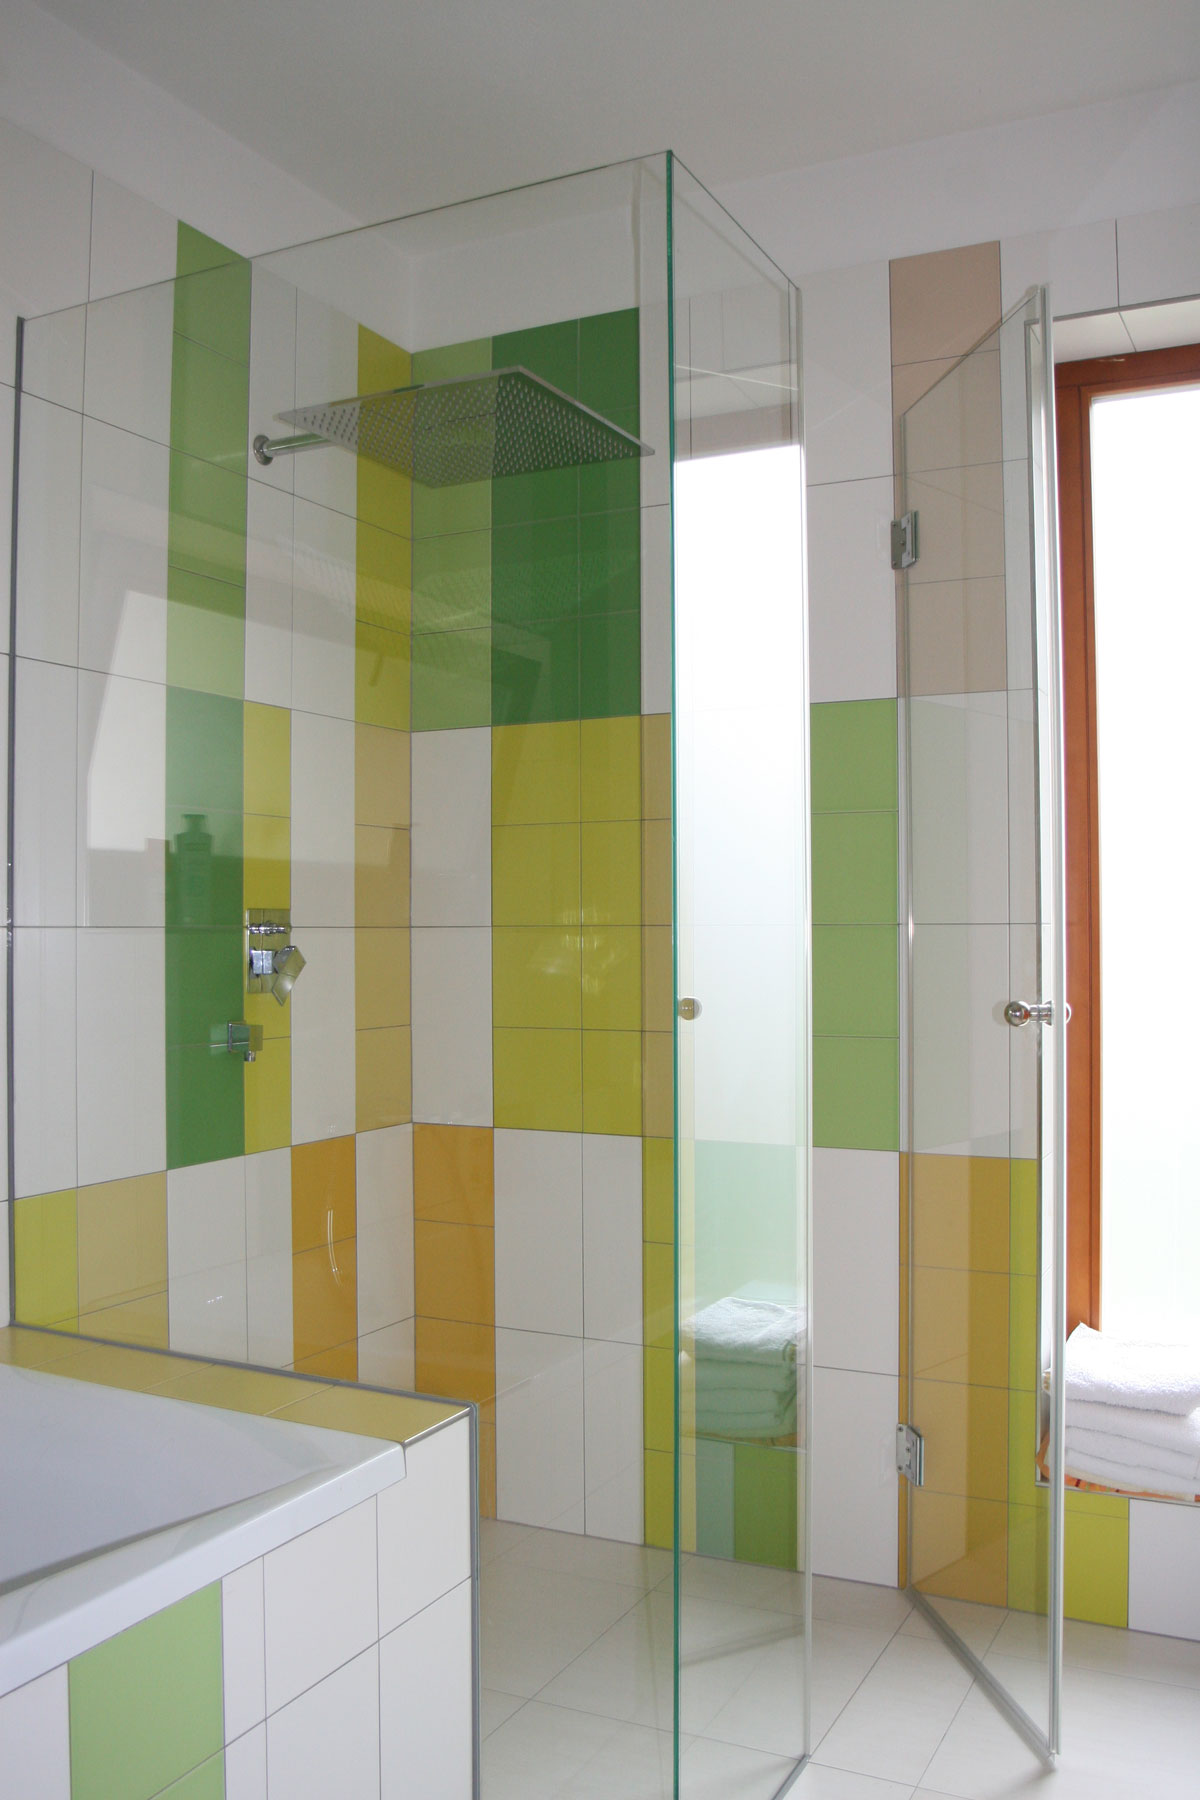 Sklenarstvi-Prerost-sprchove- kouty-a-sprchy (56)